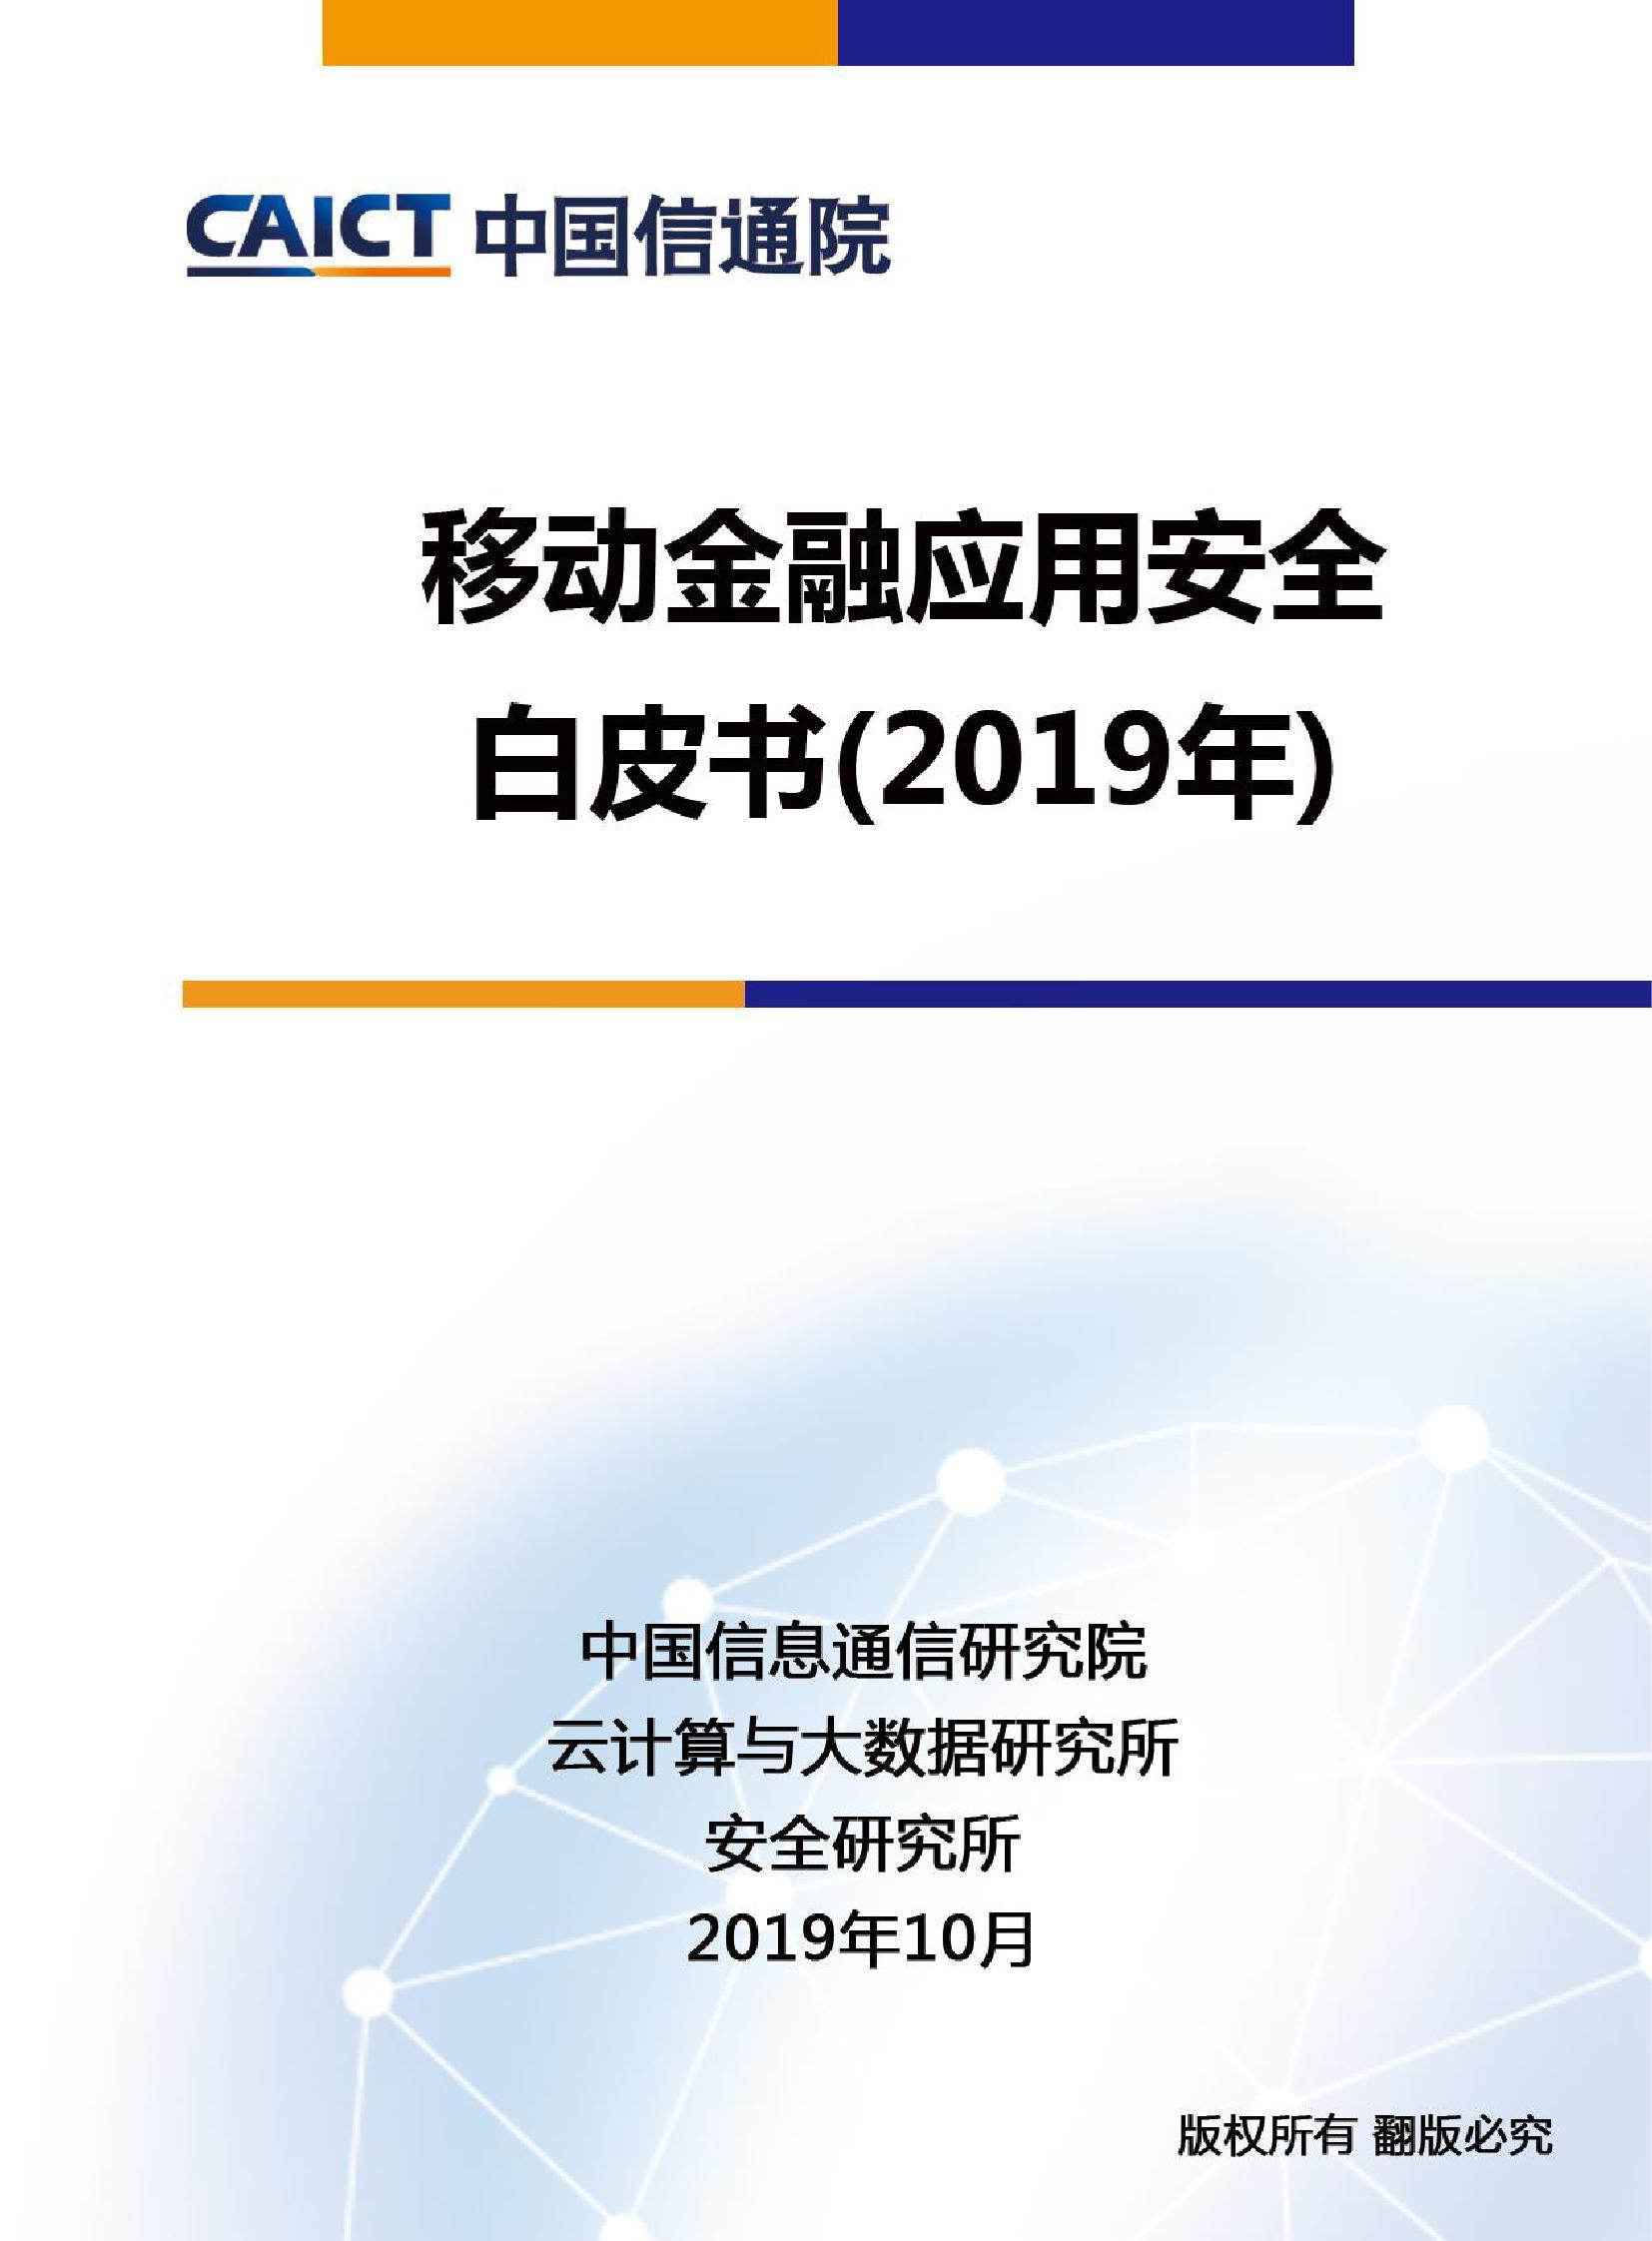 中国信通院:2019年移动金融应用安全白皮书(附下载)